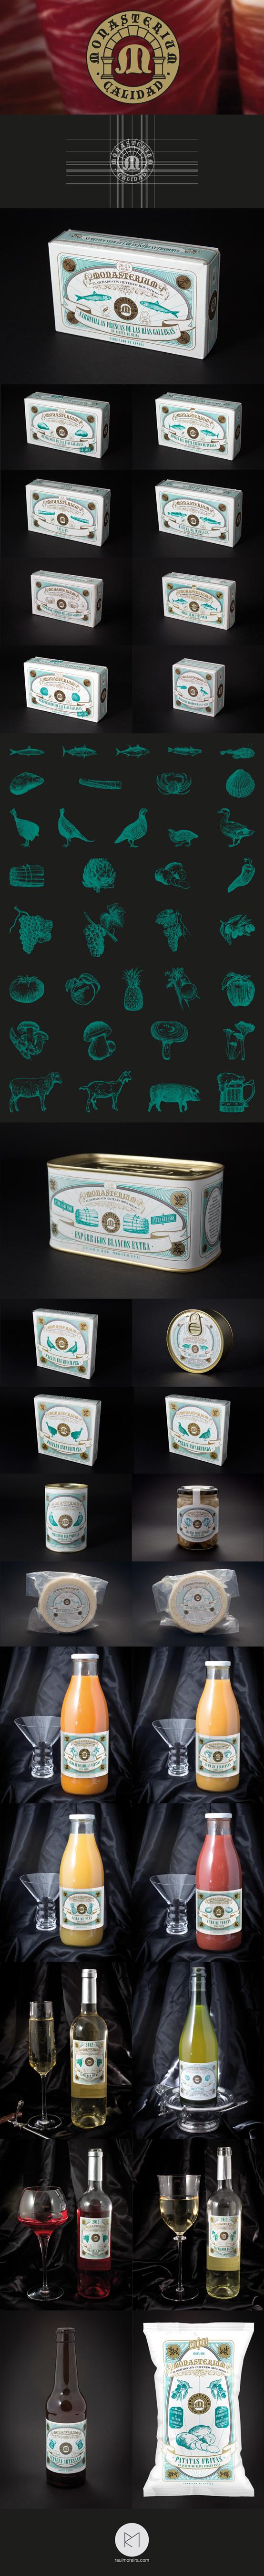 Monasterium, diseño etiquetas packaging envases personalizados en Madrid